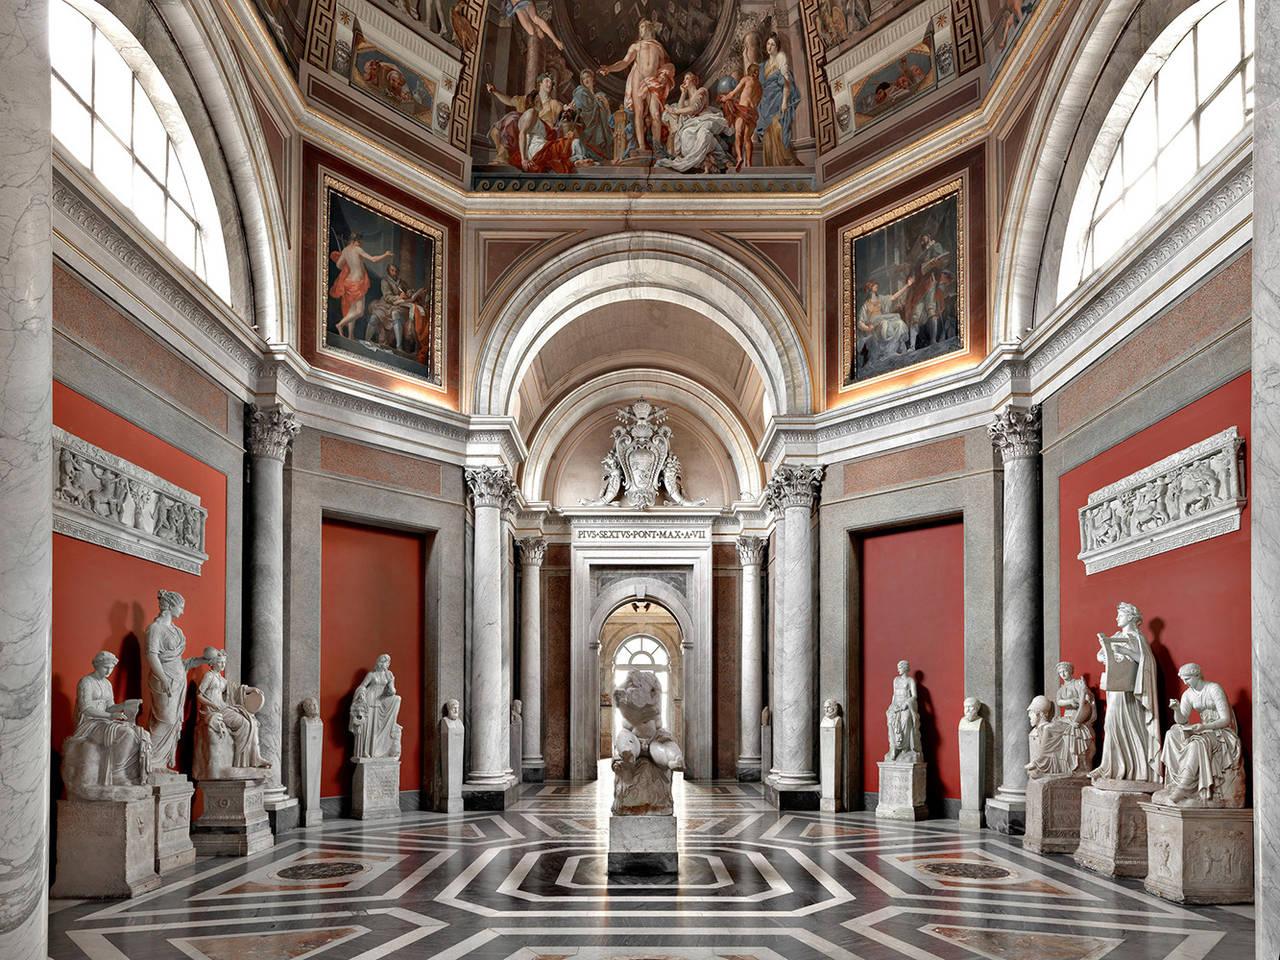 Musei Vaticani - Sala delle Muse, Rome